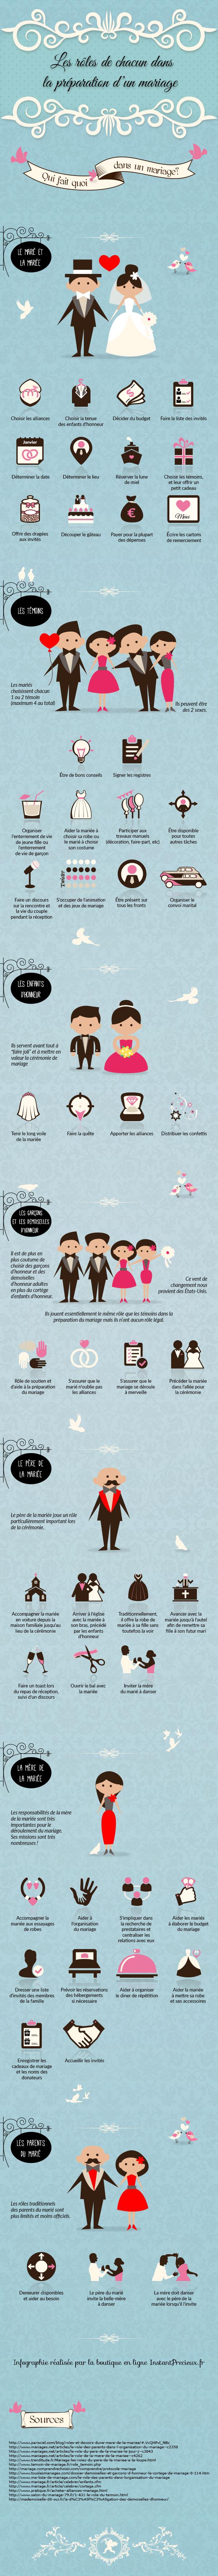 Aide pour organisation de mariage, répartition des taches